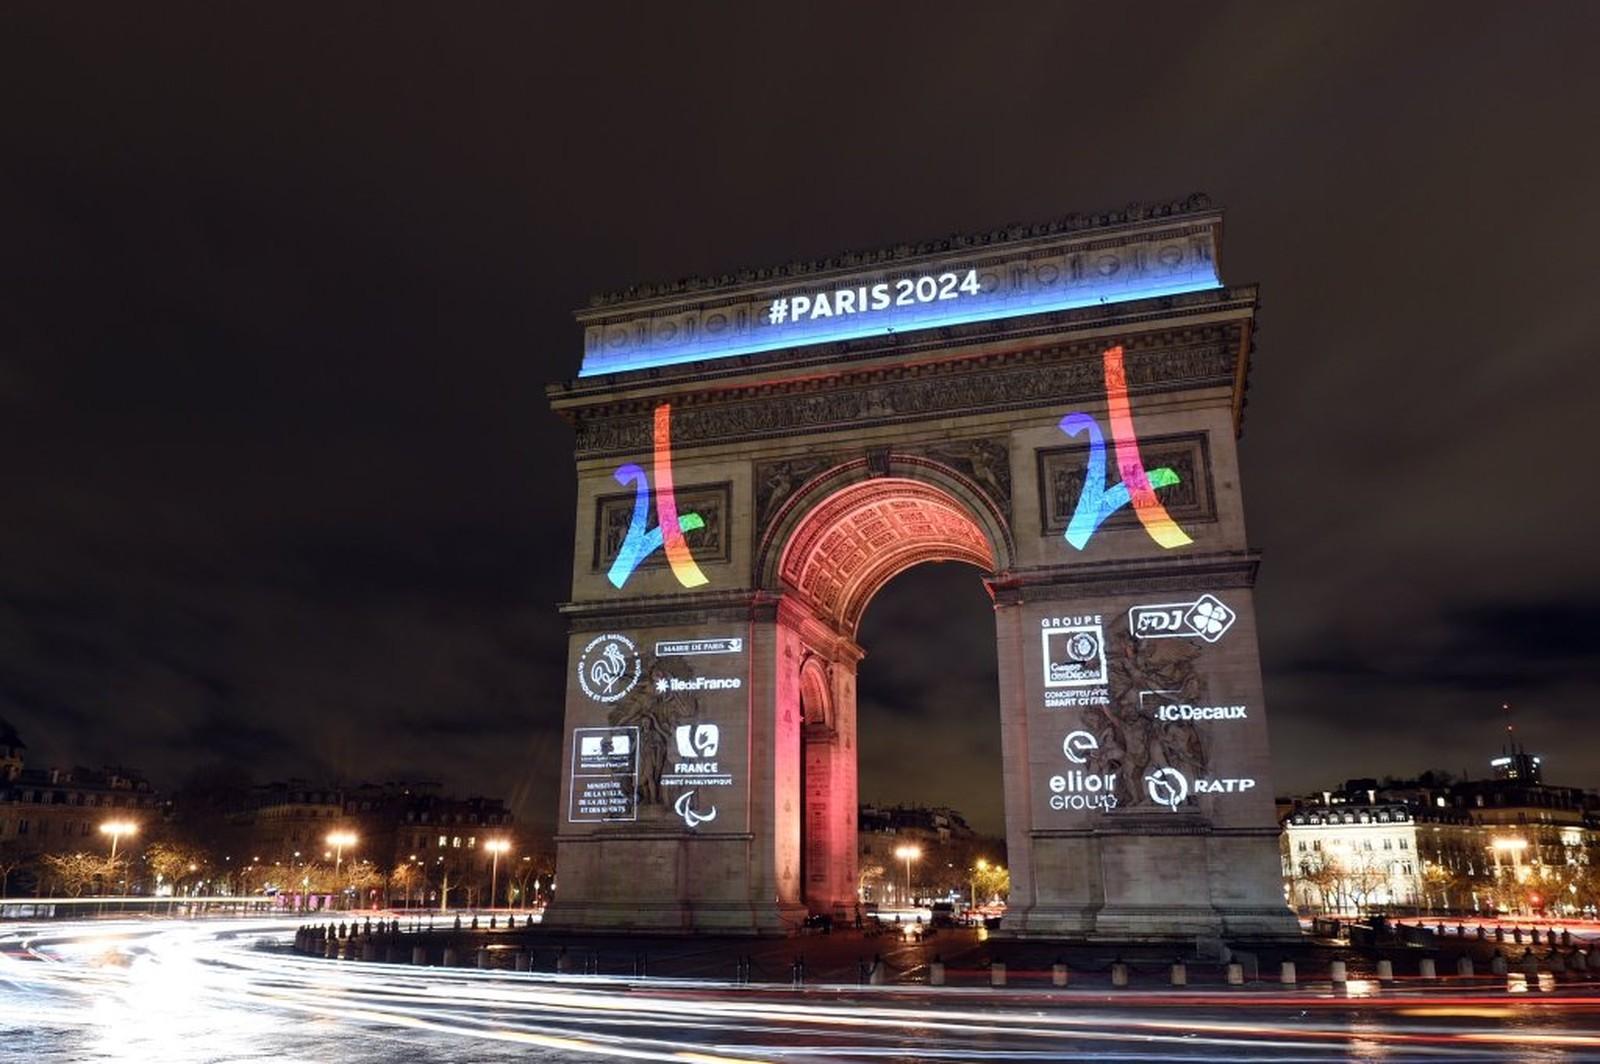 Oficial: Paris sedia Olimpíadas em 2024 e Los Angeles, em 2028